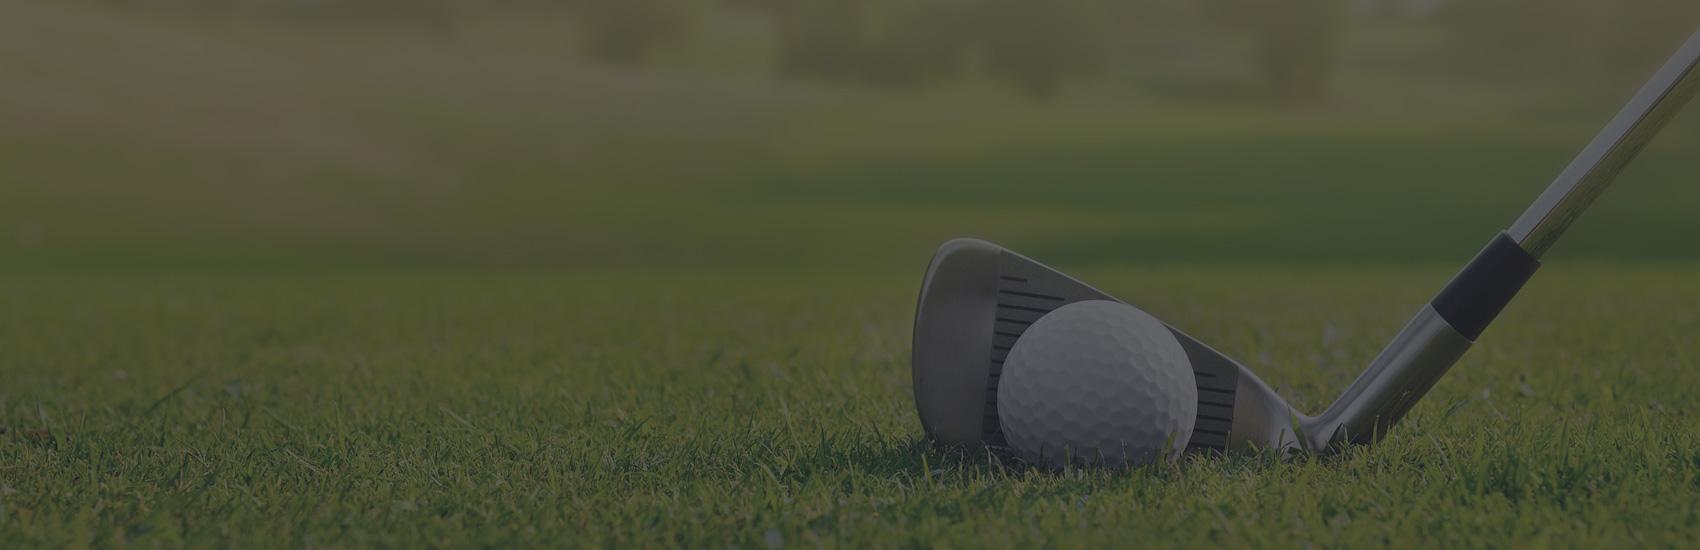 Nicolas Lemieux champion au Club de golf de Valleyfield